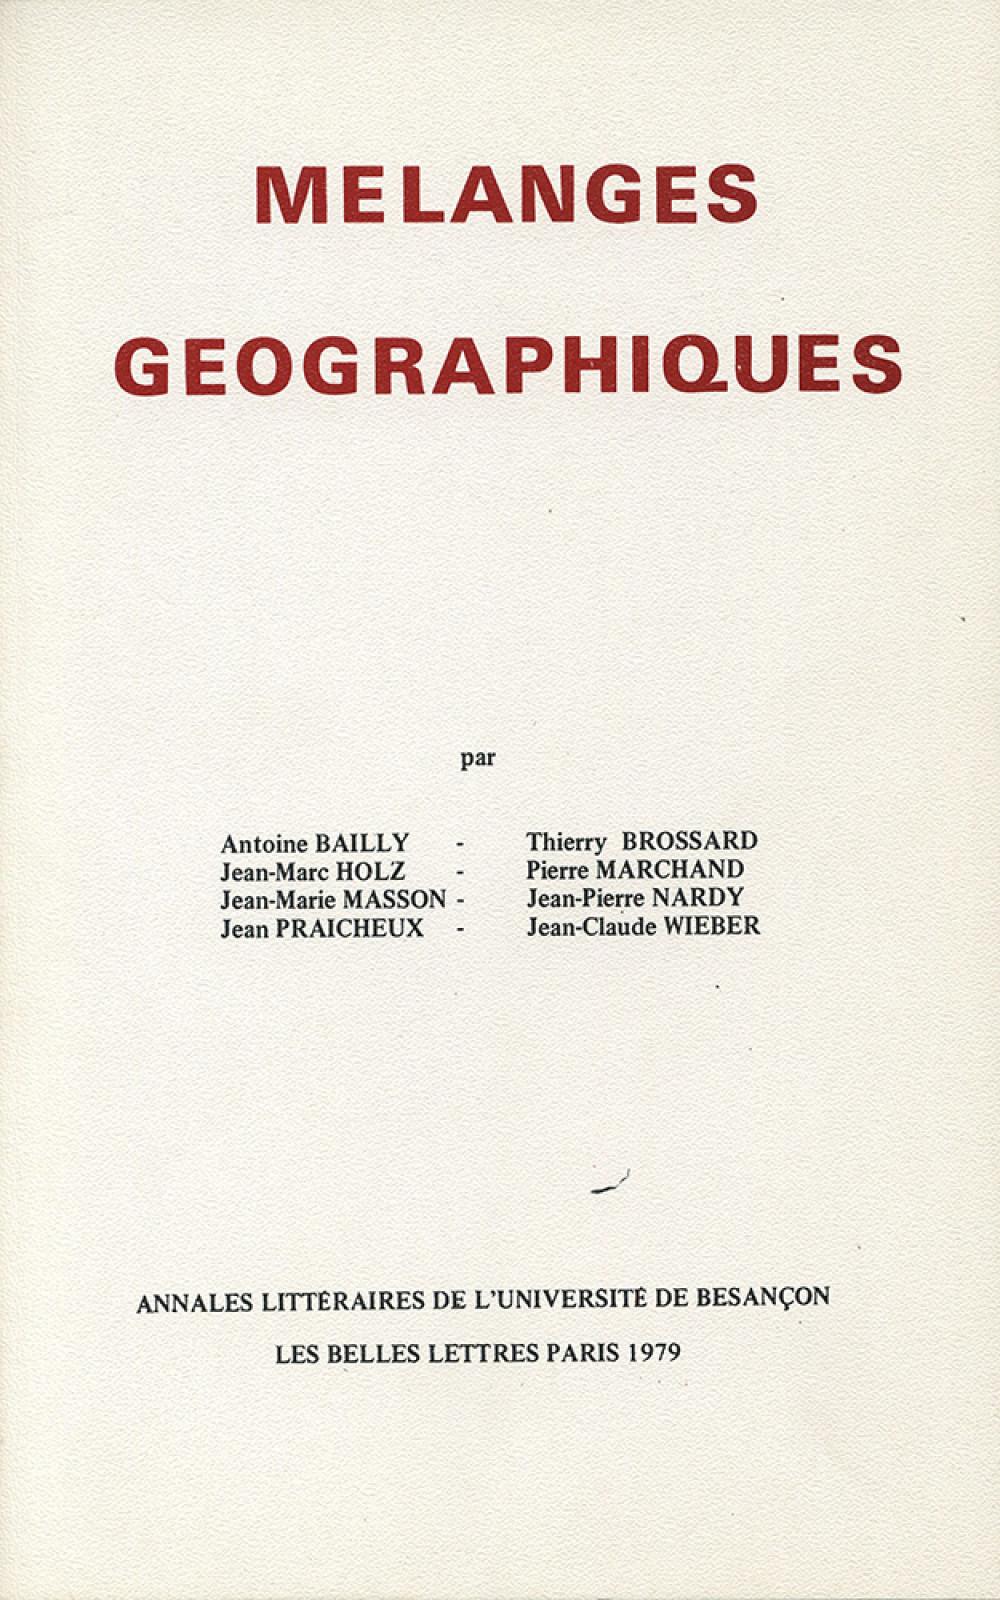 Mélanges géographiques